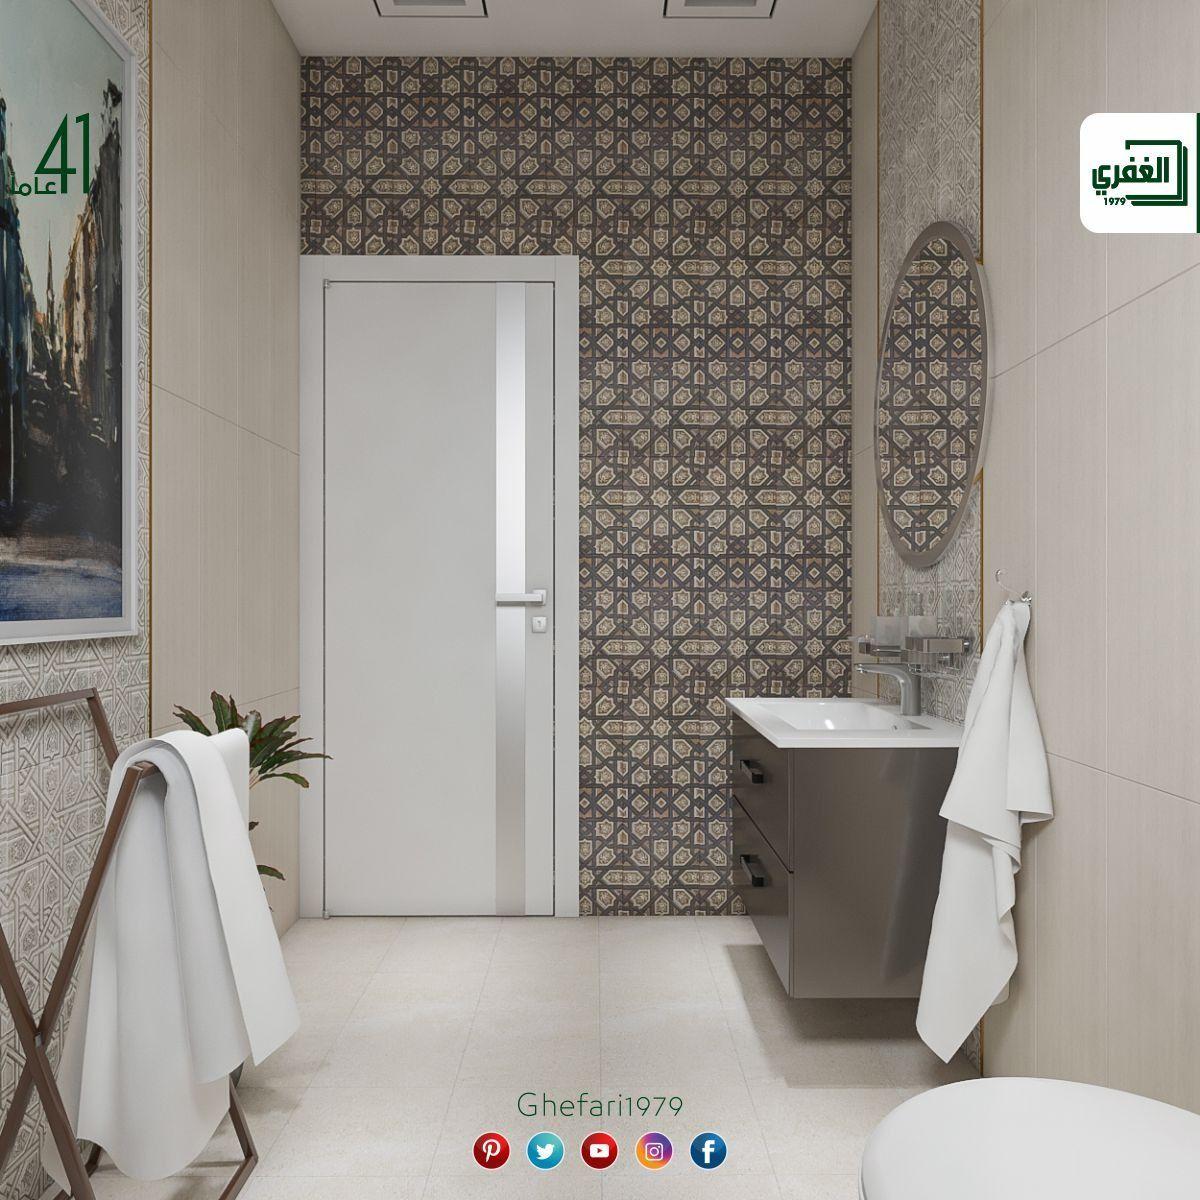 بلاط أسباني ديكور اندلسي للاستخدام داخل الحمامات المطابخ اماكن اخرى للمزيد زورونا على موقع الشركة Https Ww Framed Bathroom Mirror Bathroom Mirror Bathtub